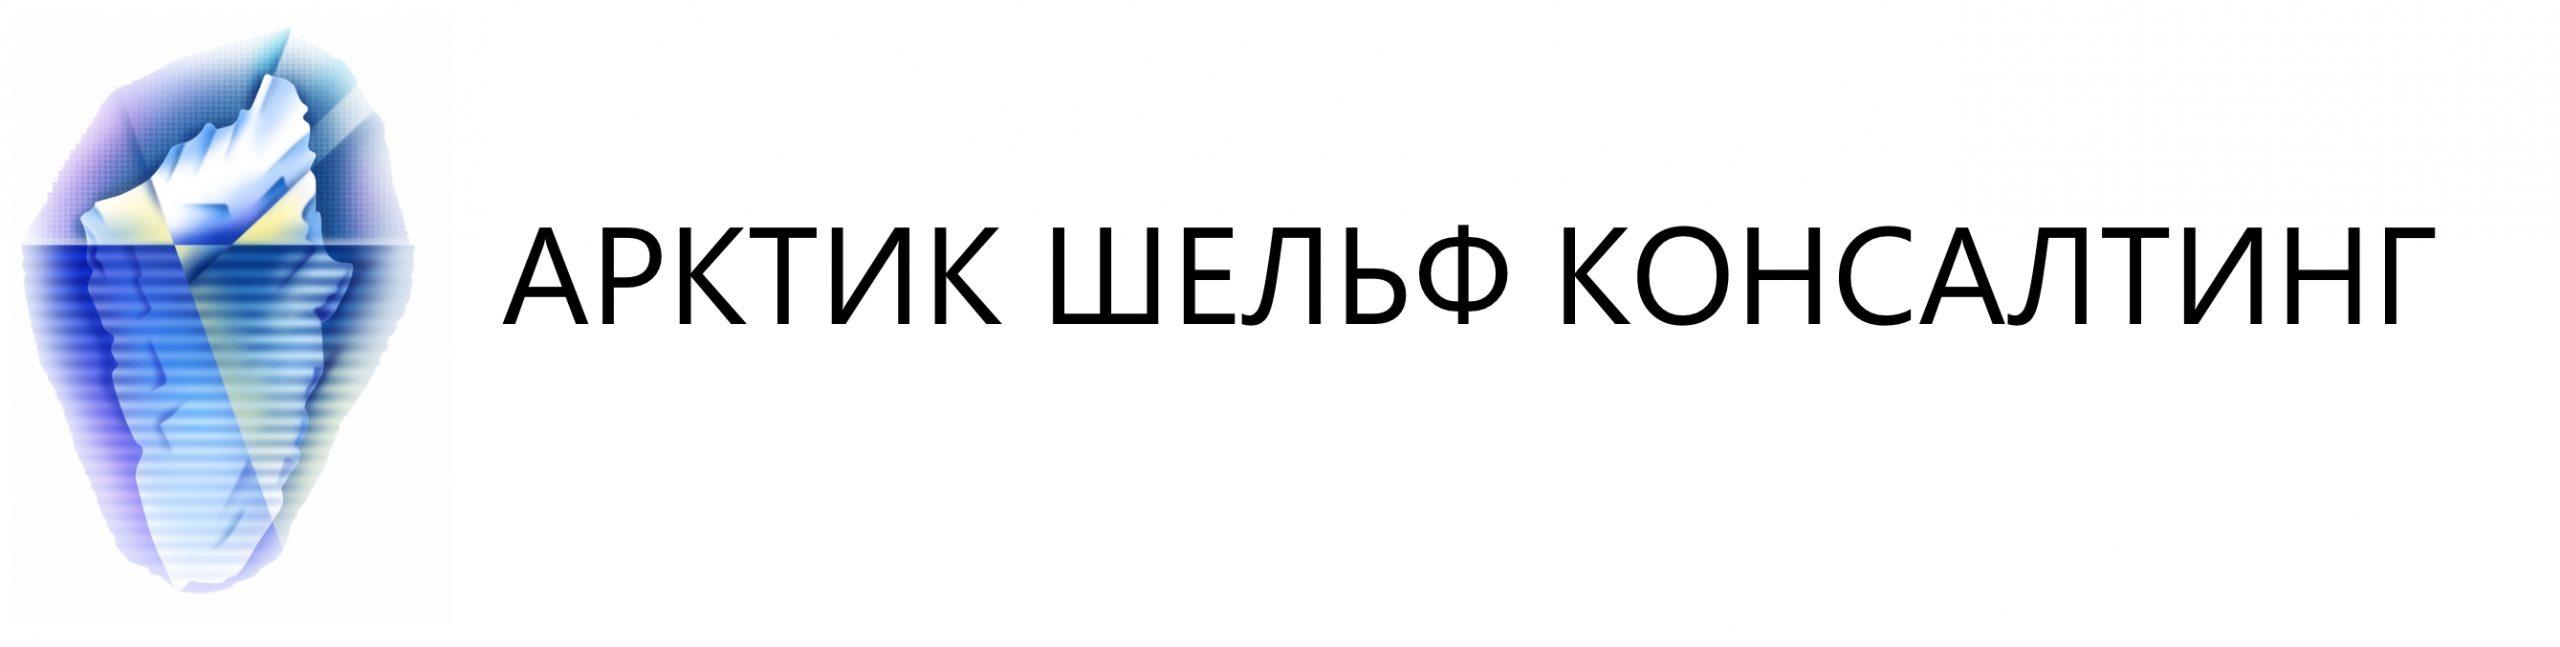 Арктик Шельф Консалтинг